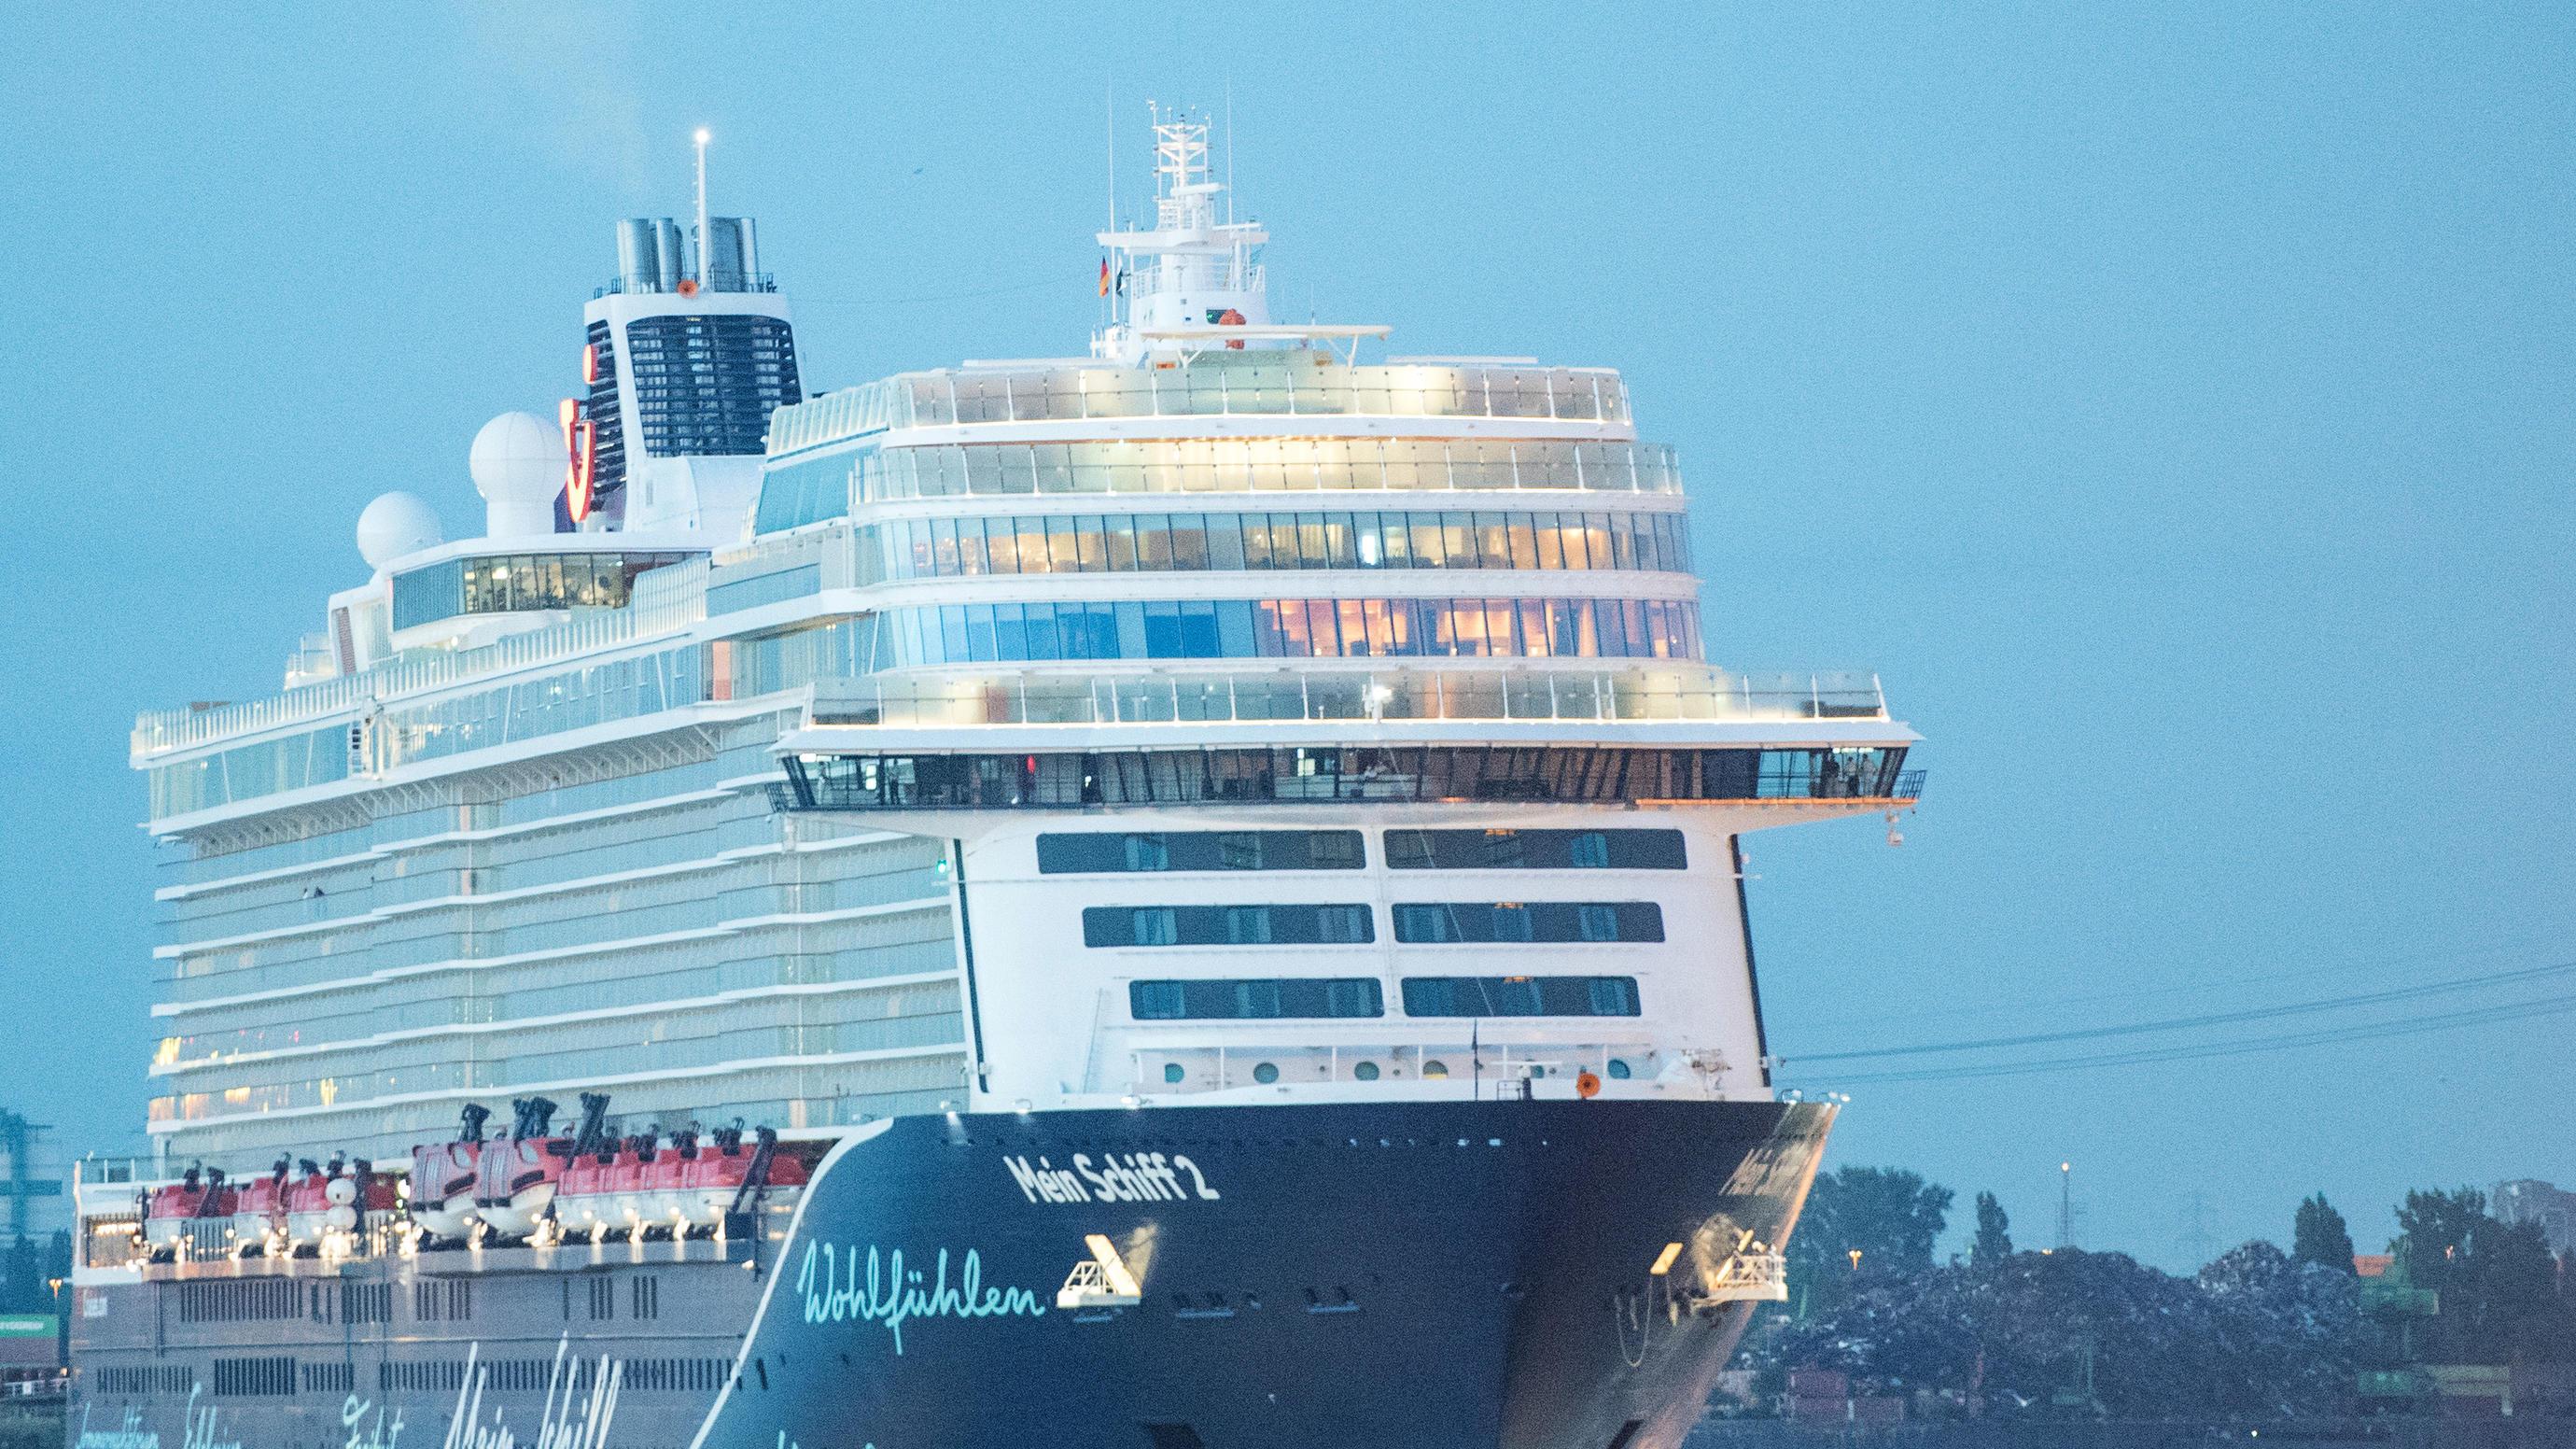 Corona auf TUI-Kreuzfahrtschiff vor Gran Canaria - 26 Urlauber in Quarantäne